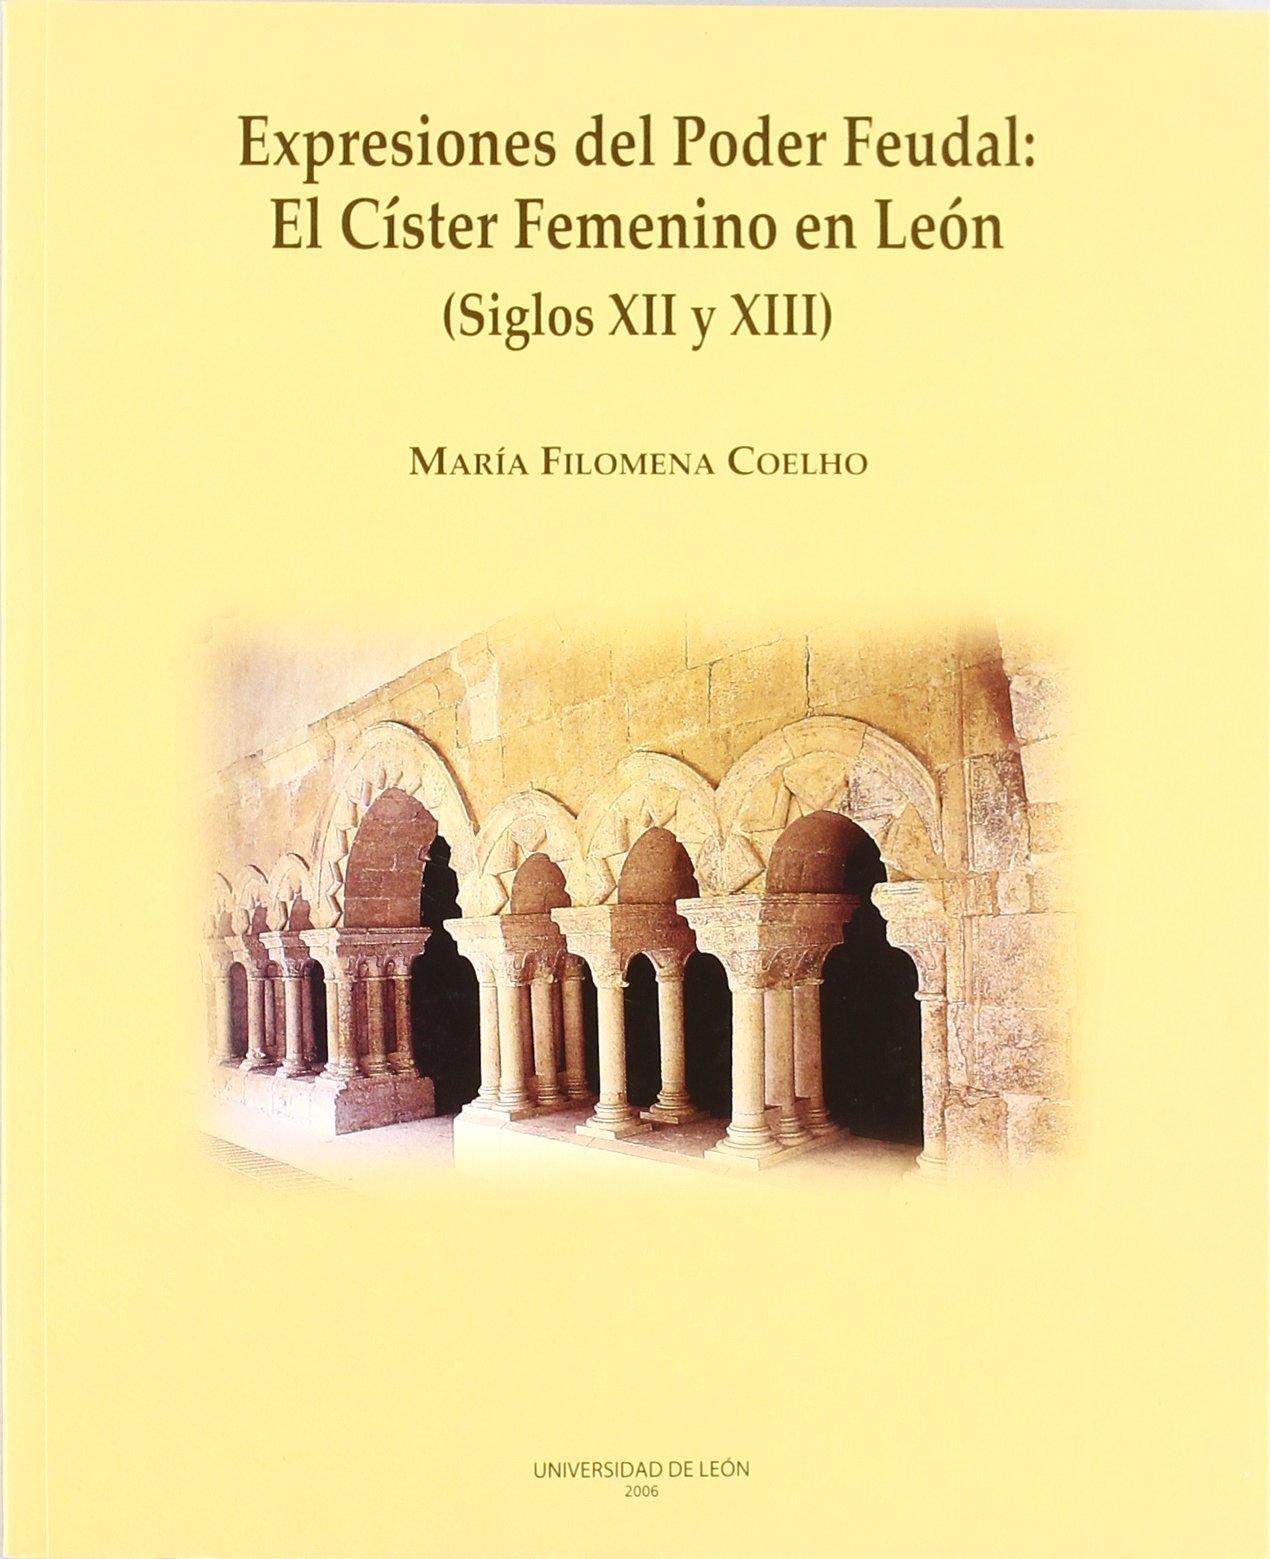 Download Expresiones del Poder Feudal: el Císter femenino en León (Siglos XII y XIII) pdf